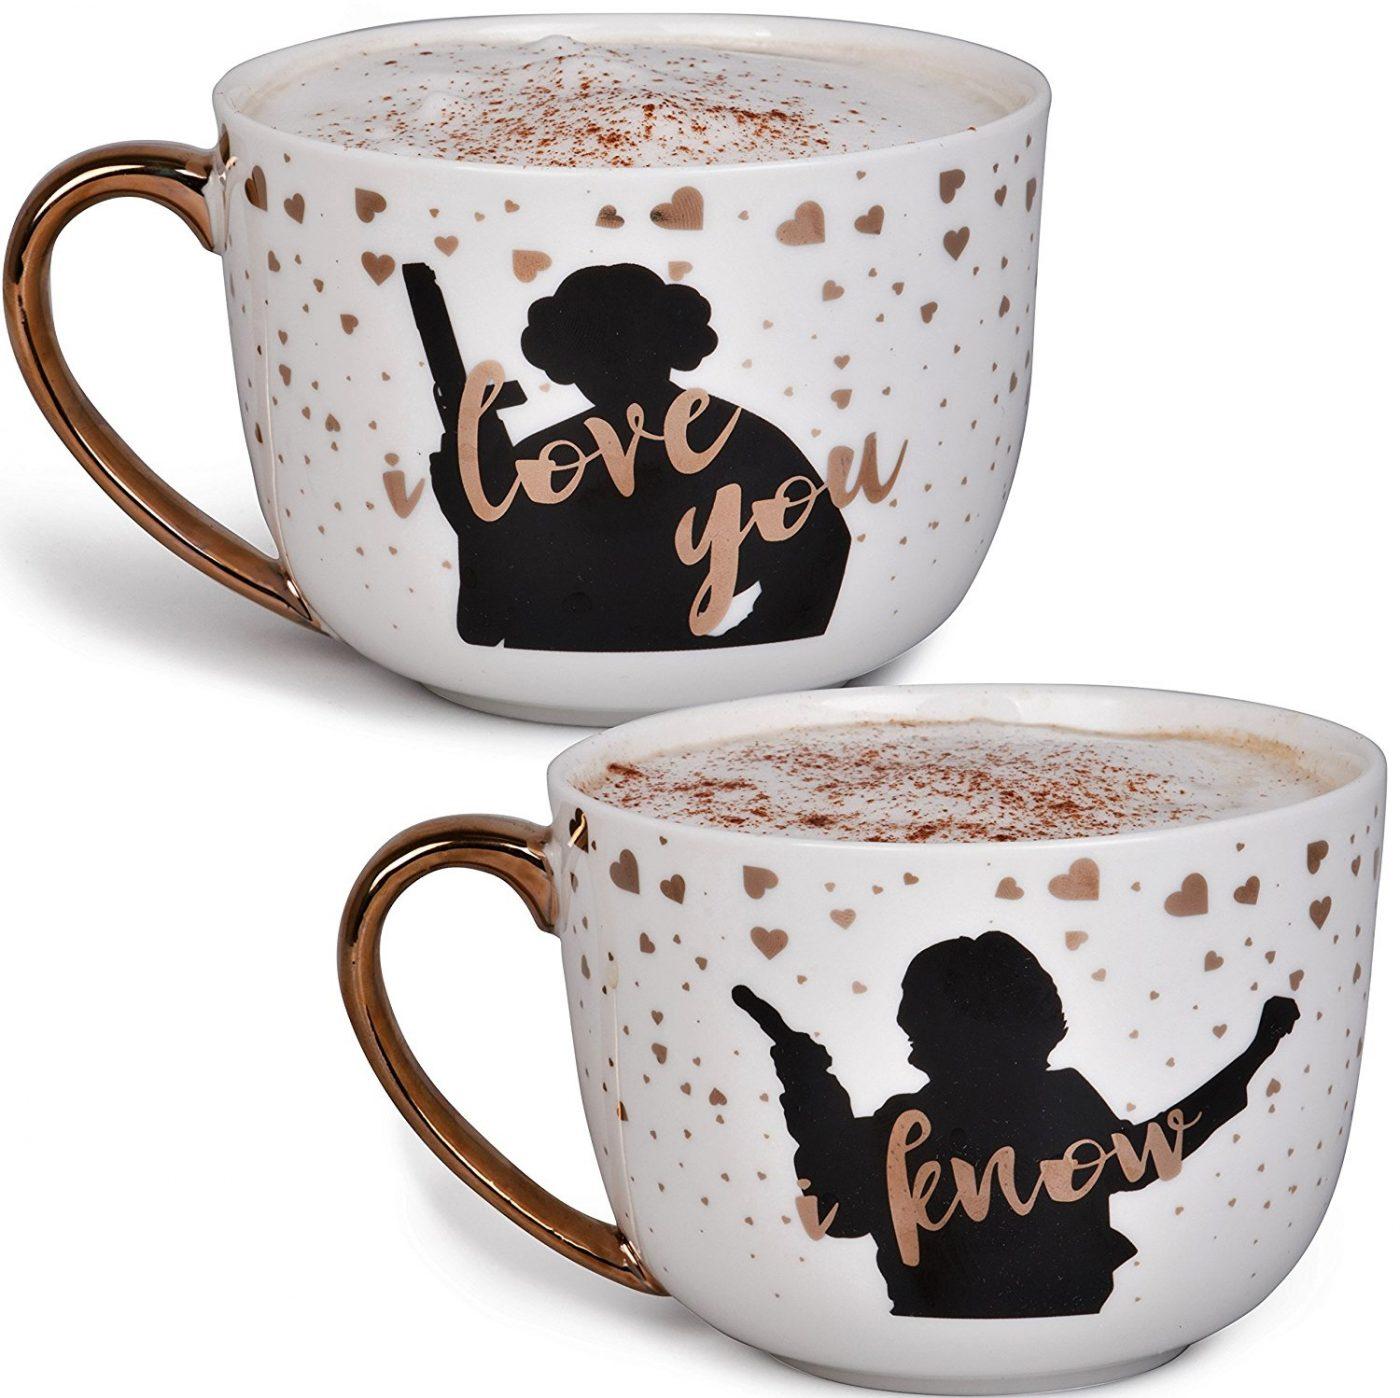 Star Wars Princess Leia and Han Solo Coffee Mug Set